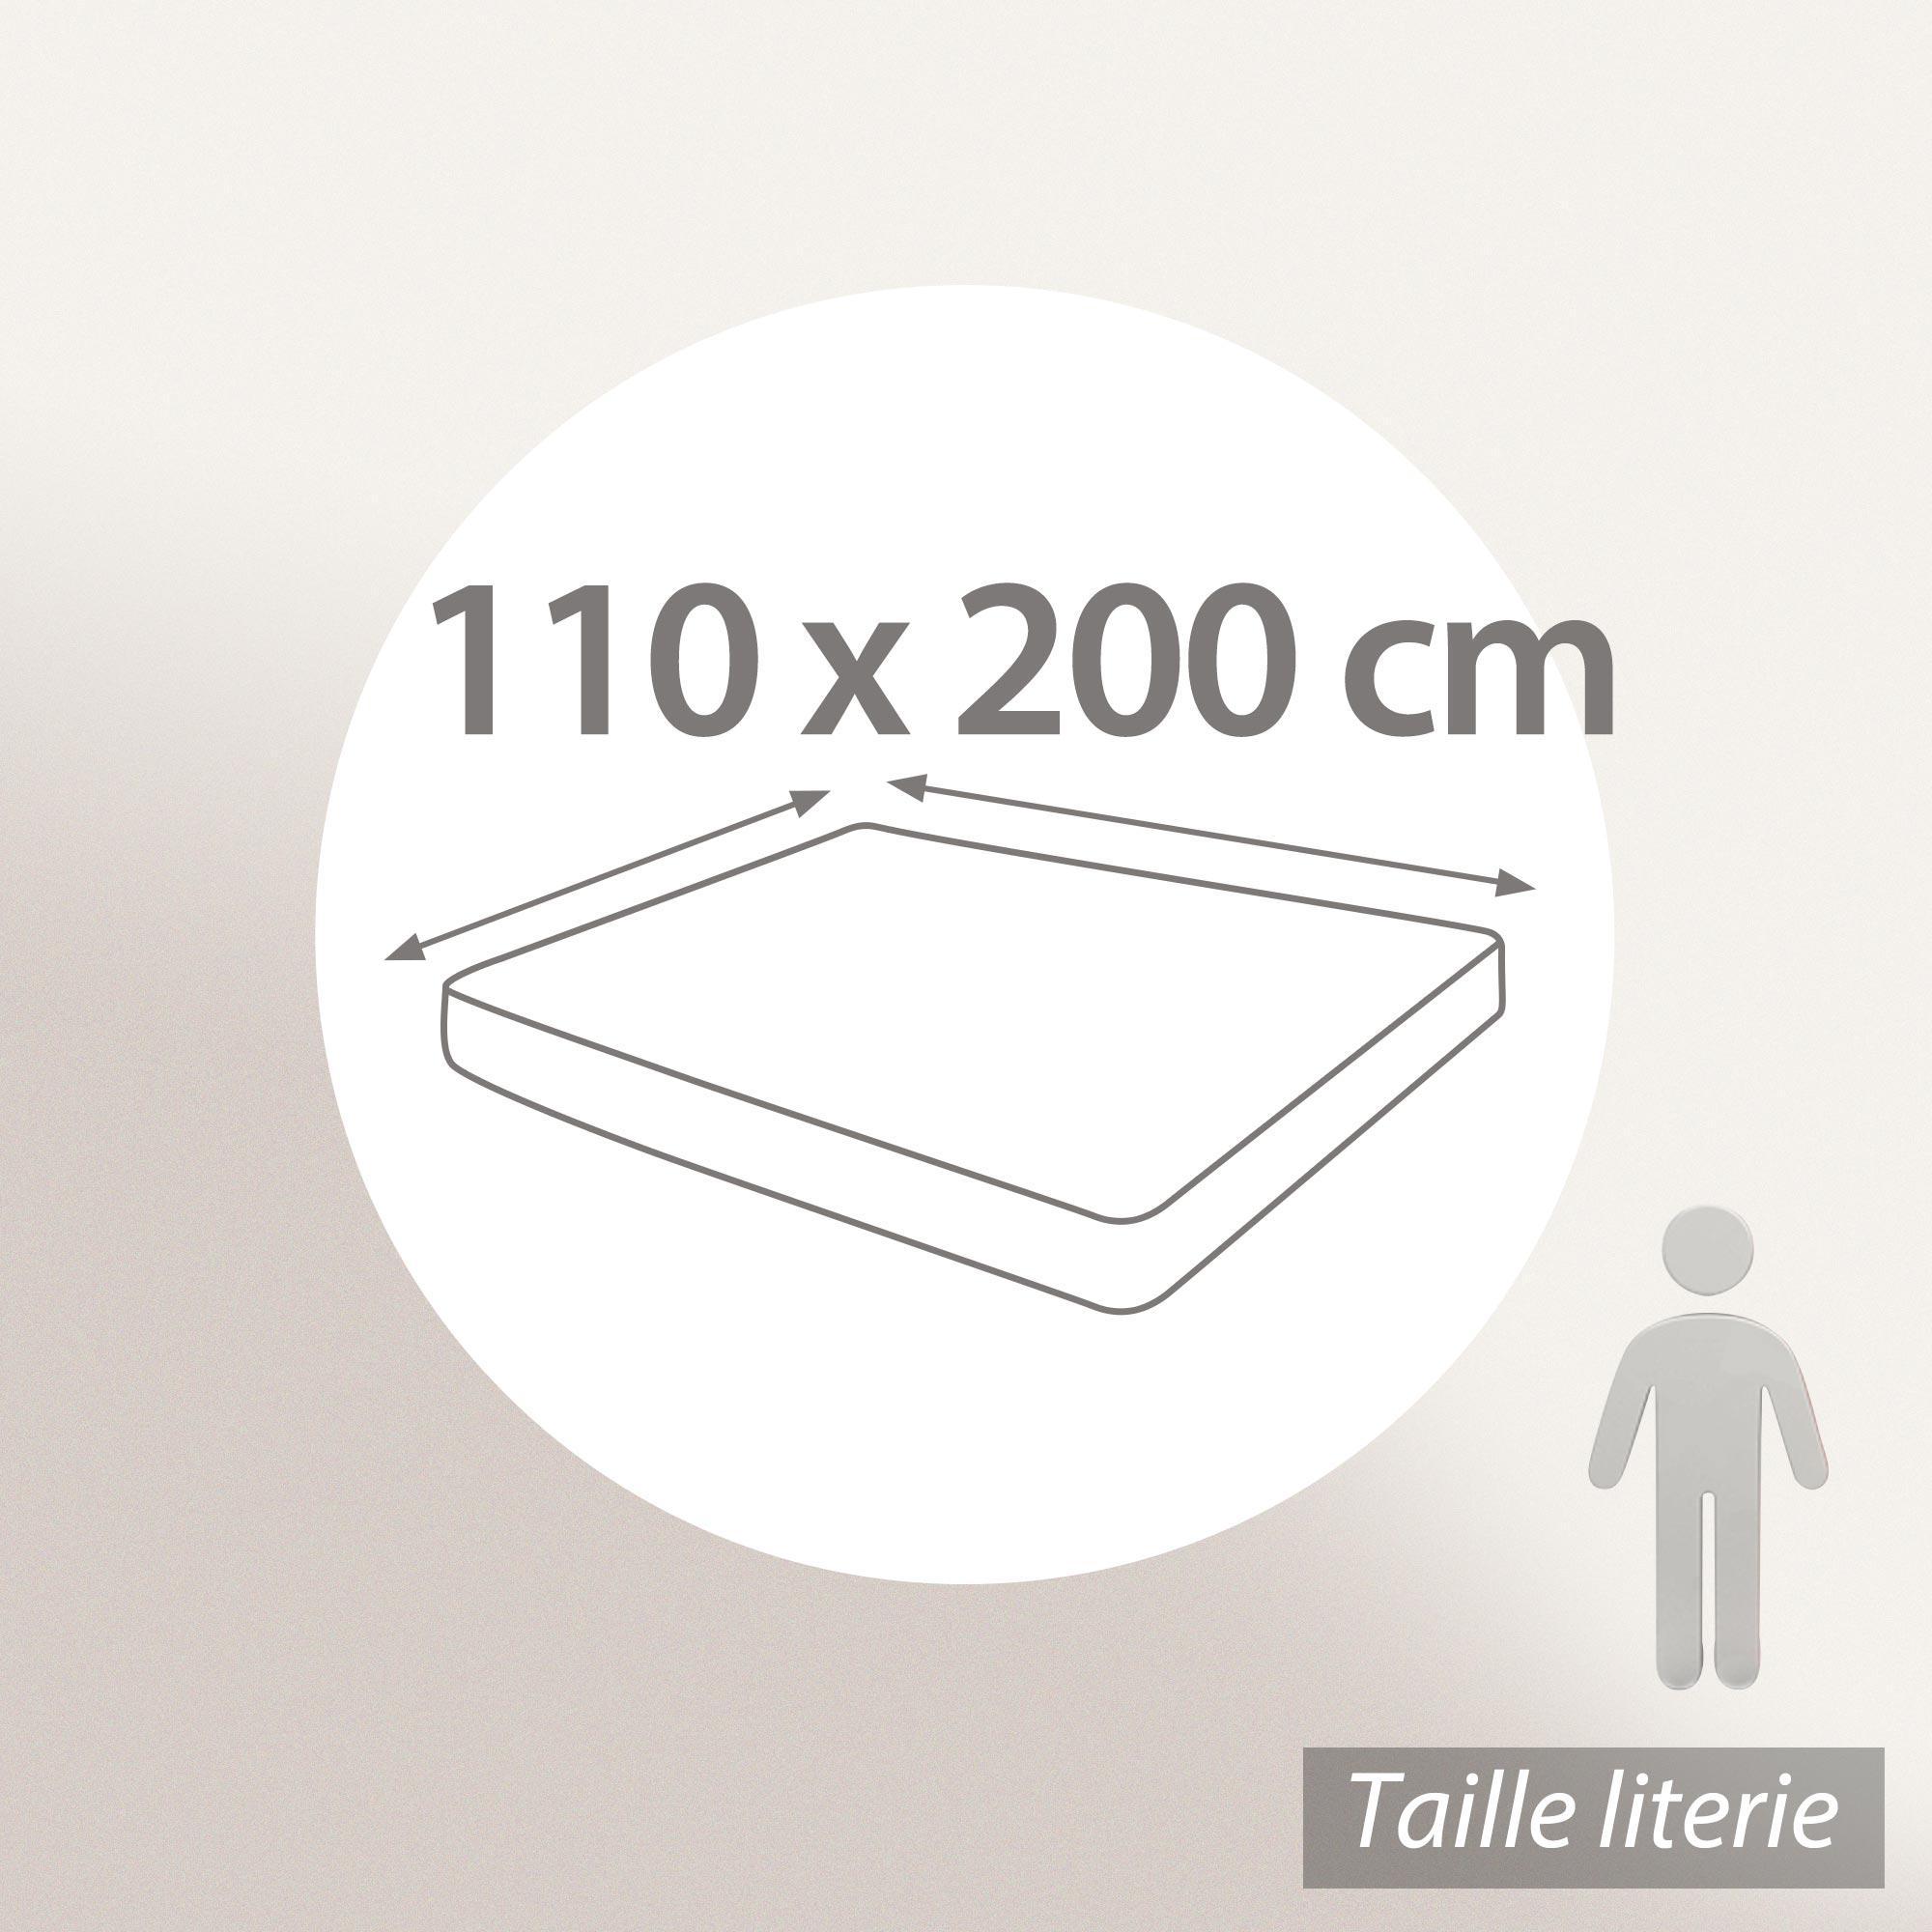 prot ge matelas 110x200 cm achua molleton 100 coton 400 g m2 bonnet 30cm linnea linge de. Black Bedroom Furniture Sets. Home Design Ideas